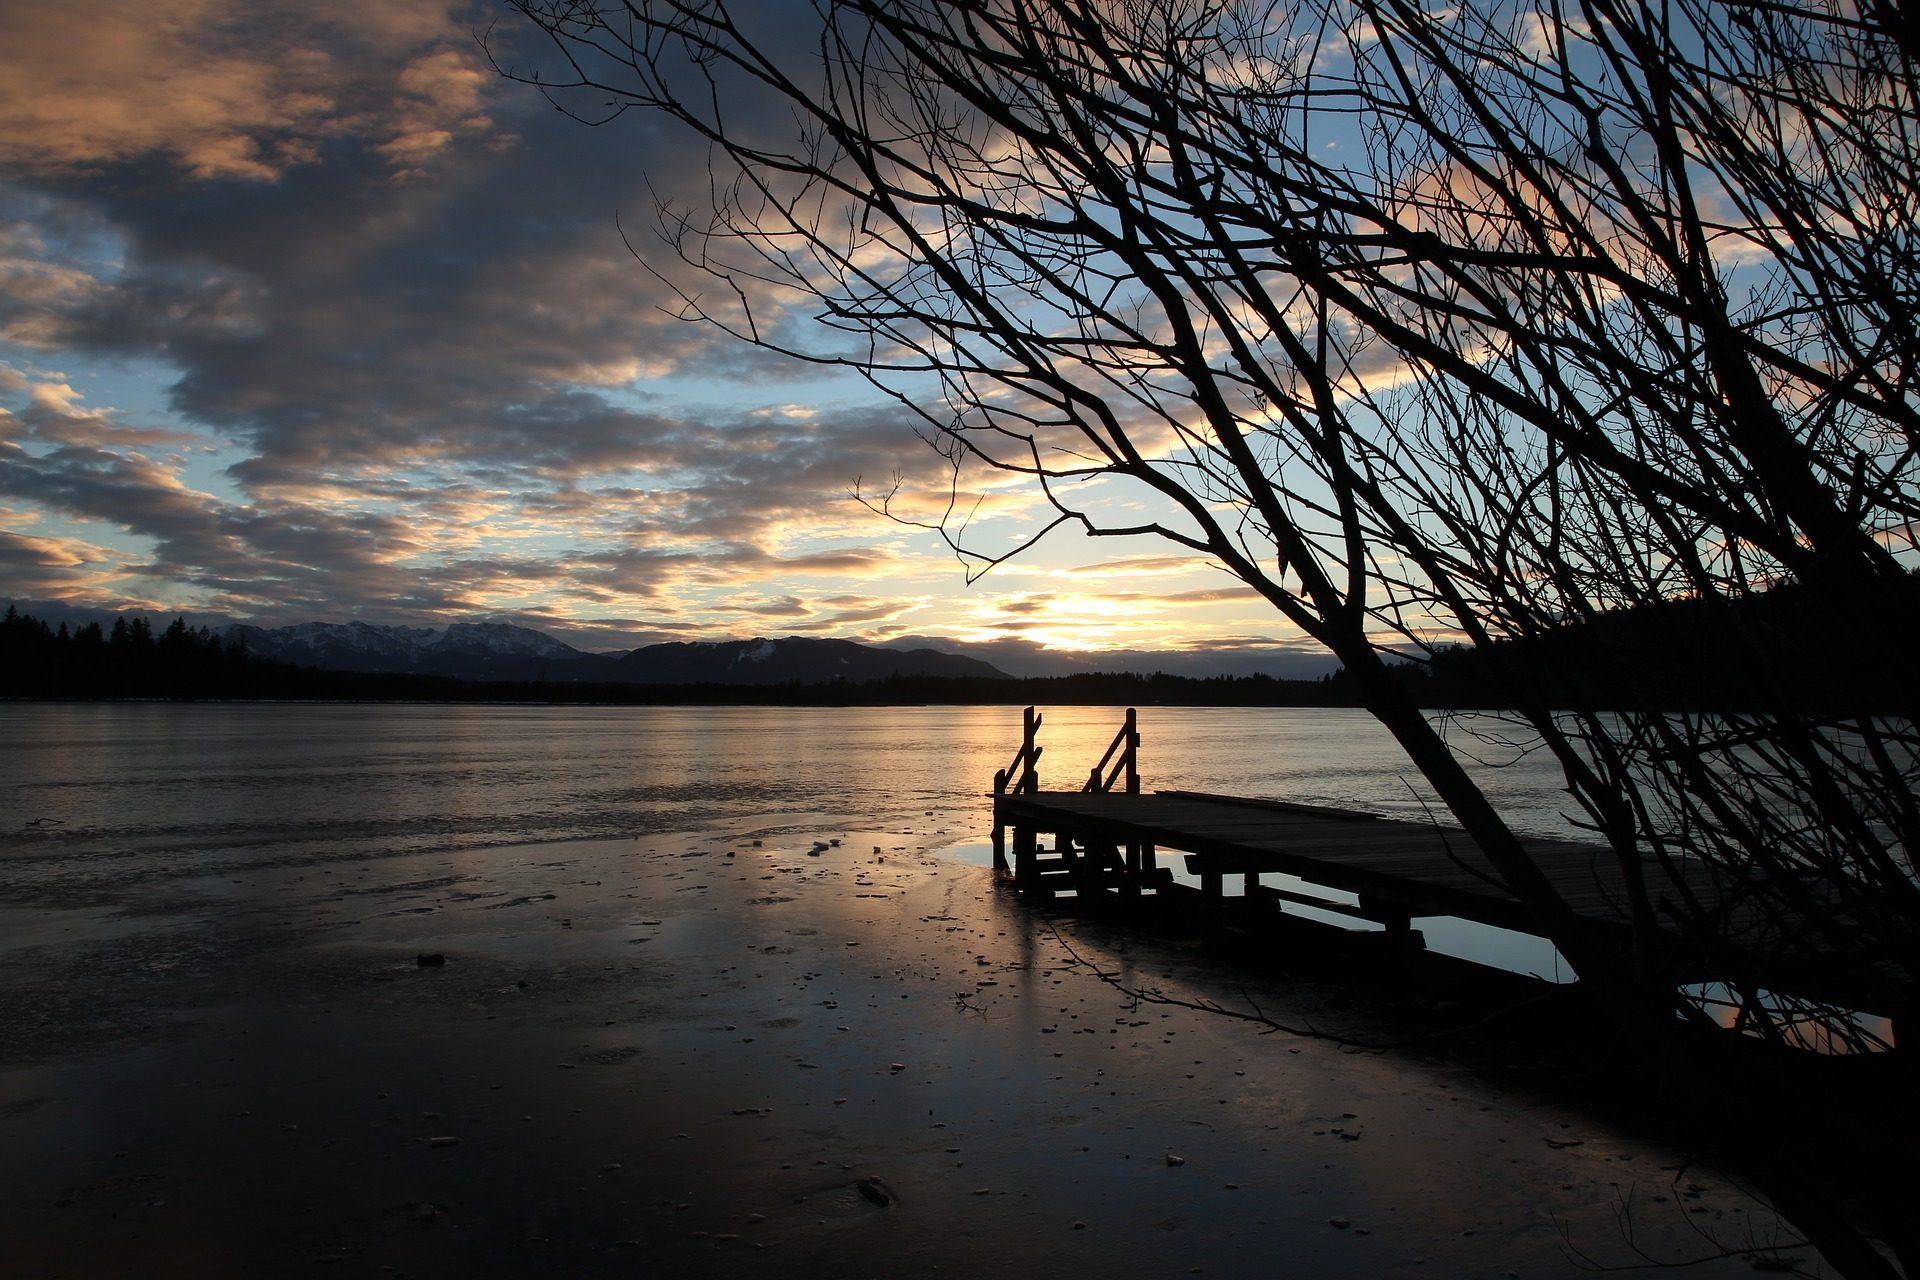 lago, árboles, muelle, embarcadero, atardecer, nubes - Fondos de Pantalla HD - professor-falken.com